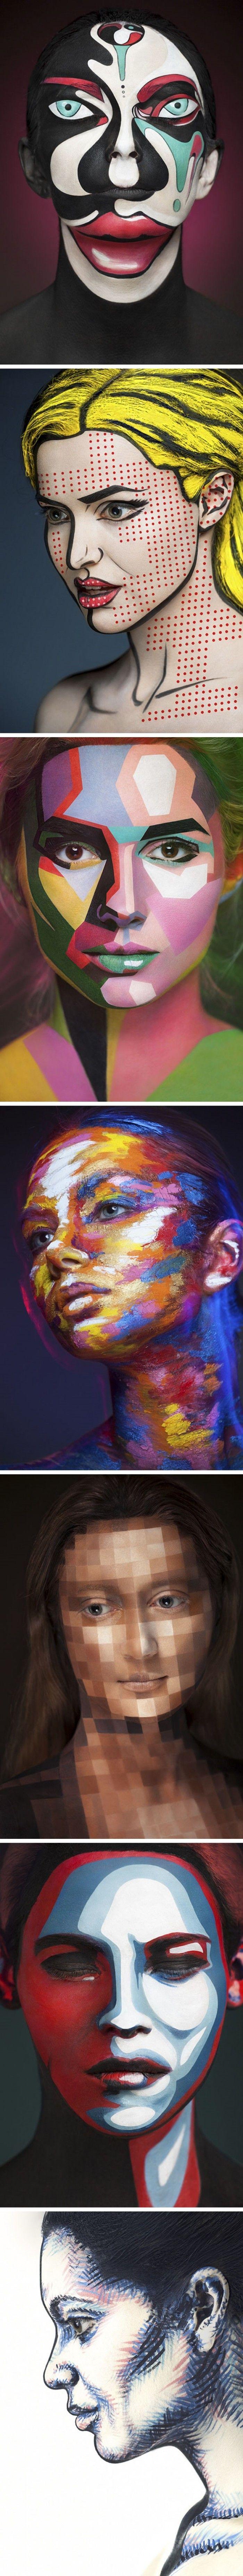 Olağanüstü Makyaj Sanatı www.4finite.com